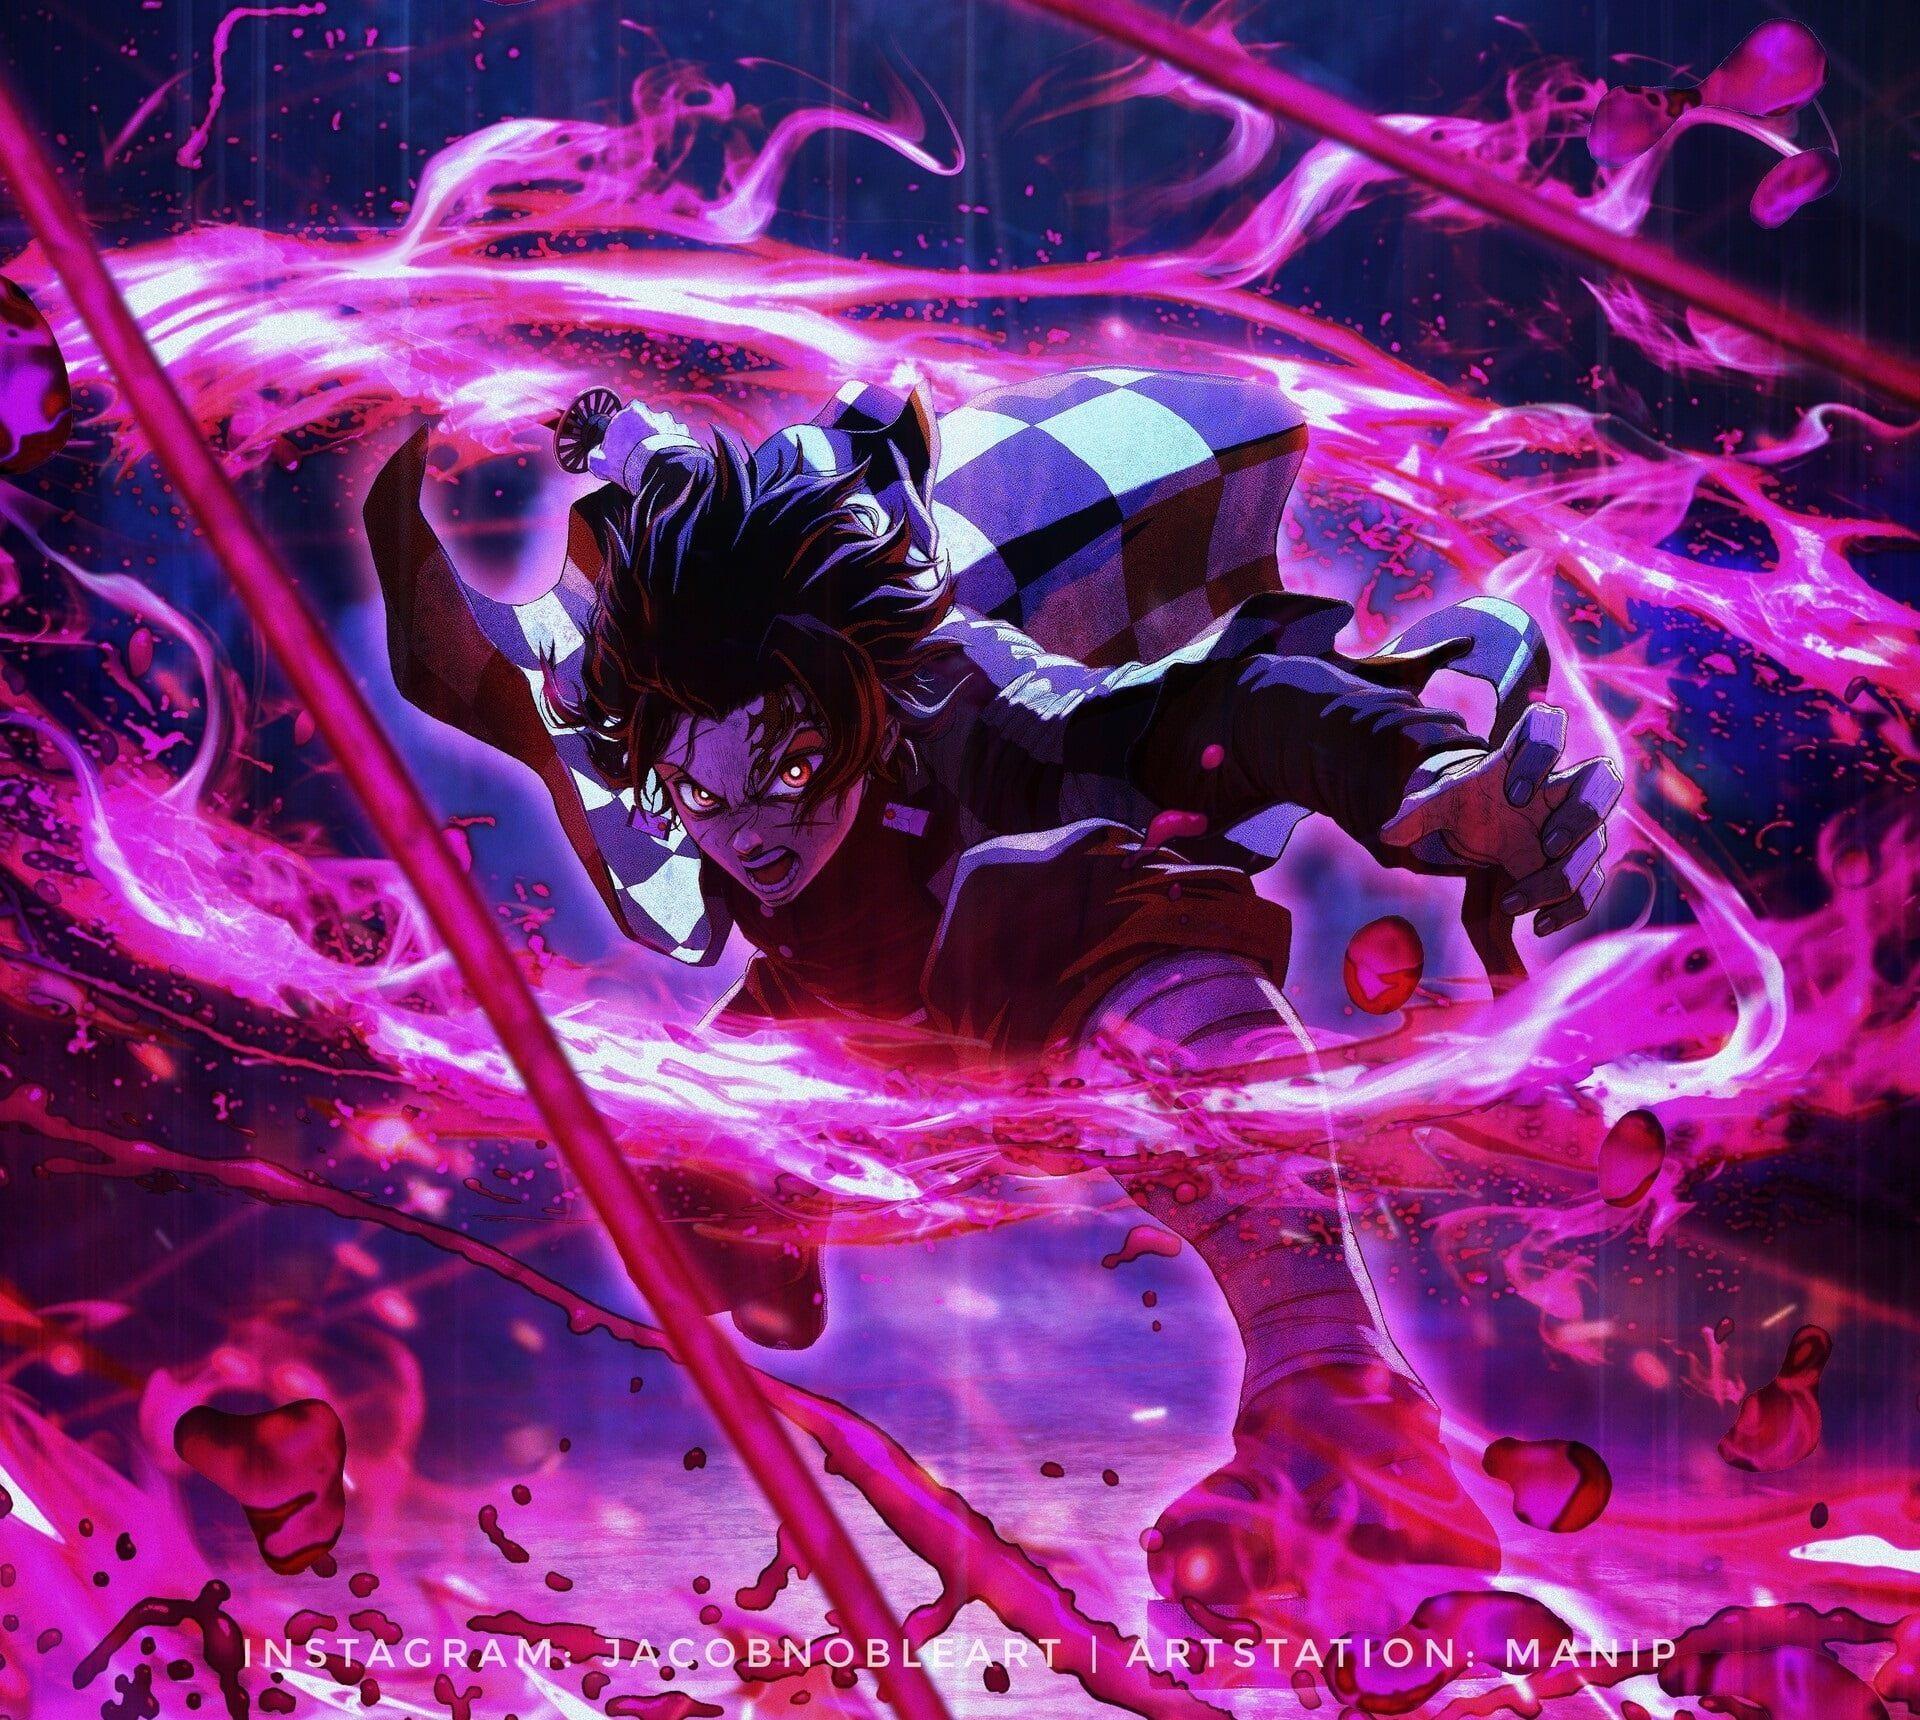 Pin On Anime Hd Anime Wallpapers Cool Anime Wallpapers Anime Dynamic wallpaper anime windows